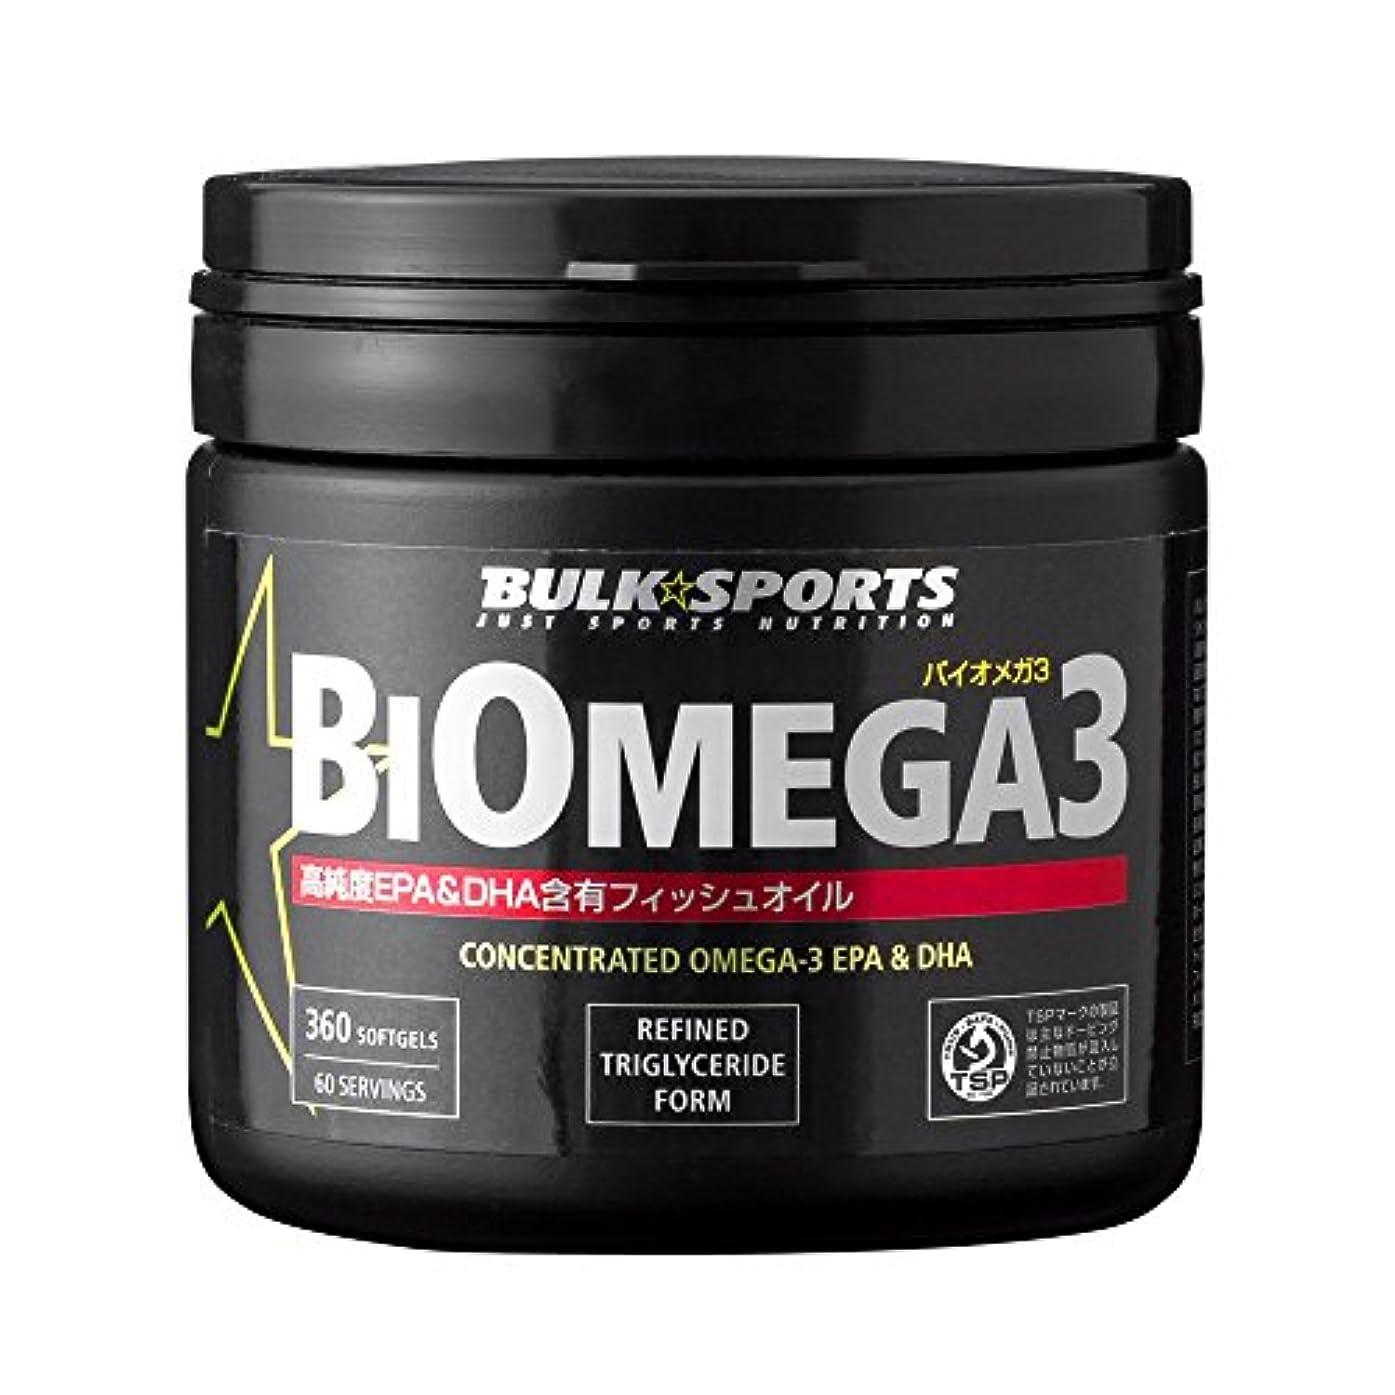 ブランデーいたずらなゆりかごバルクスポーツ バイオメガ3 EPA&DHA含有フィッシュオイル 360ソフトジェルカプセル